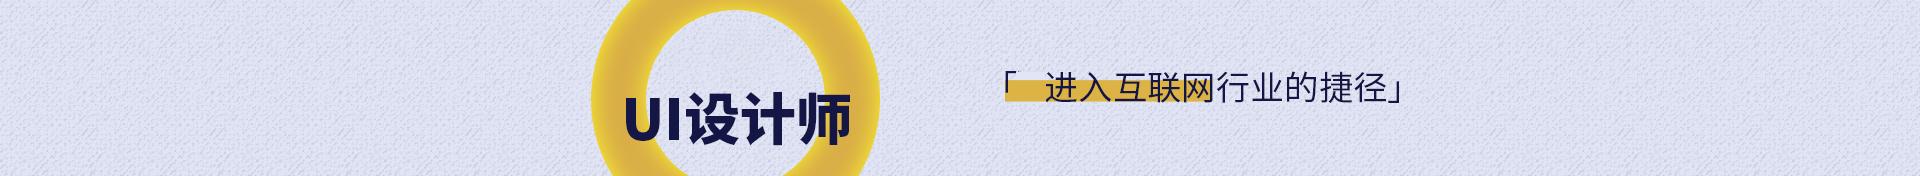 全能UI设计师进入互联网行业的捷径